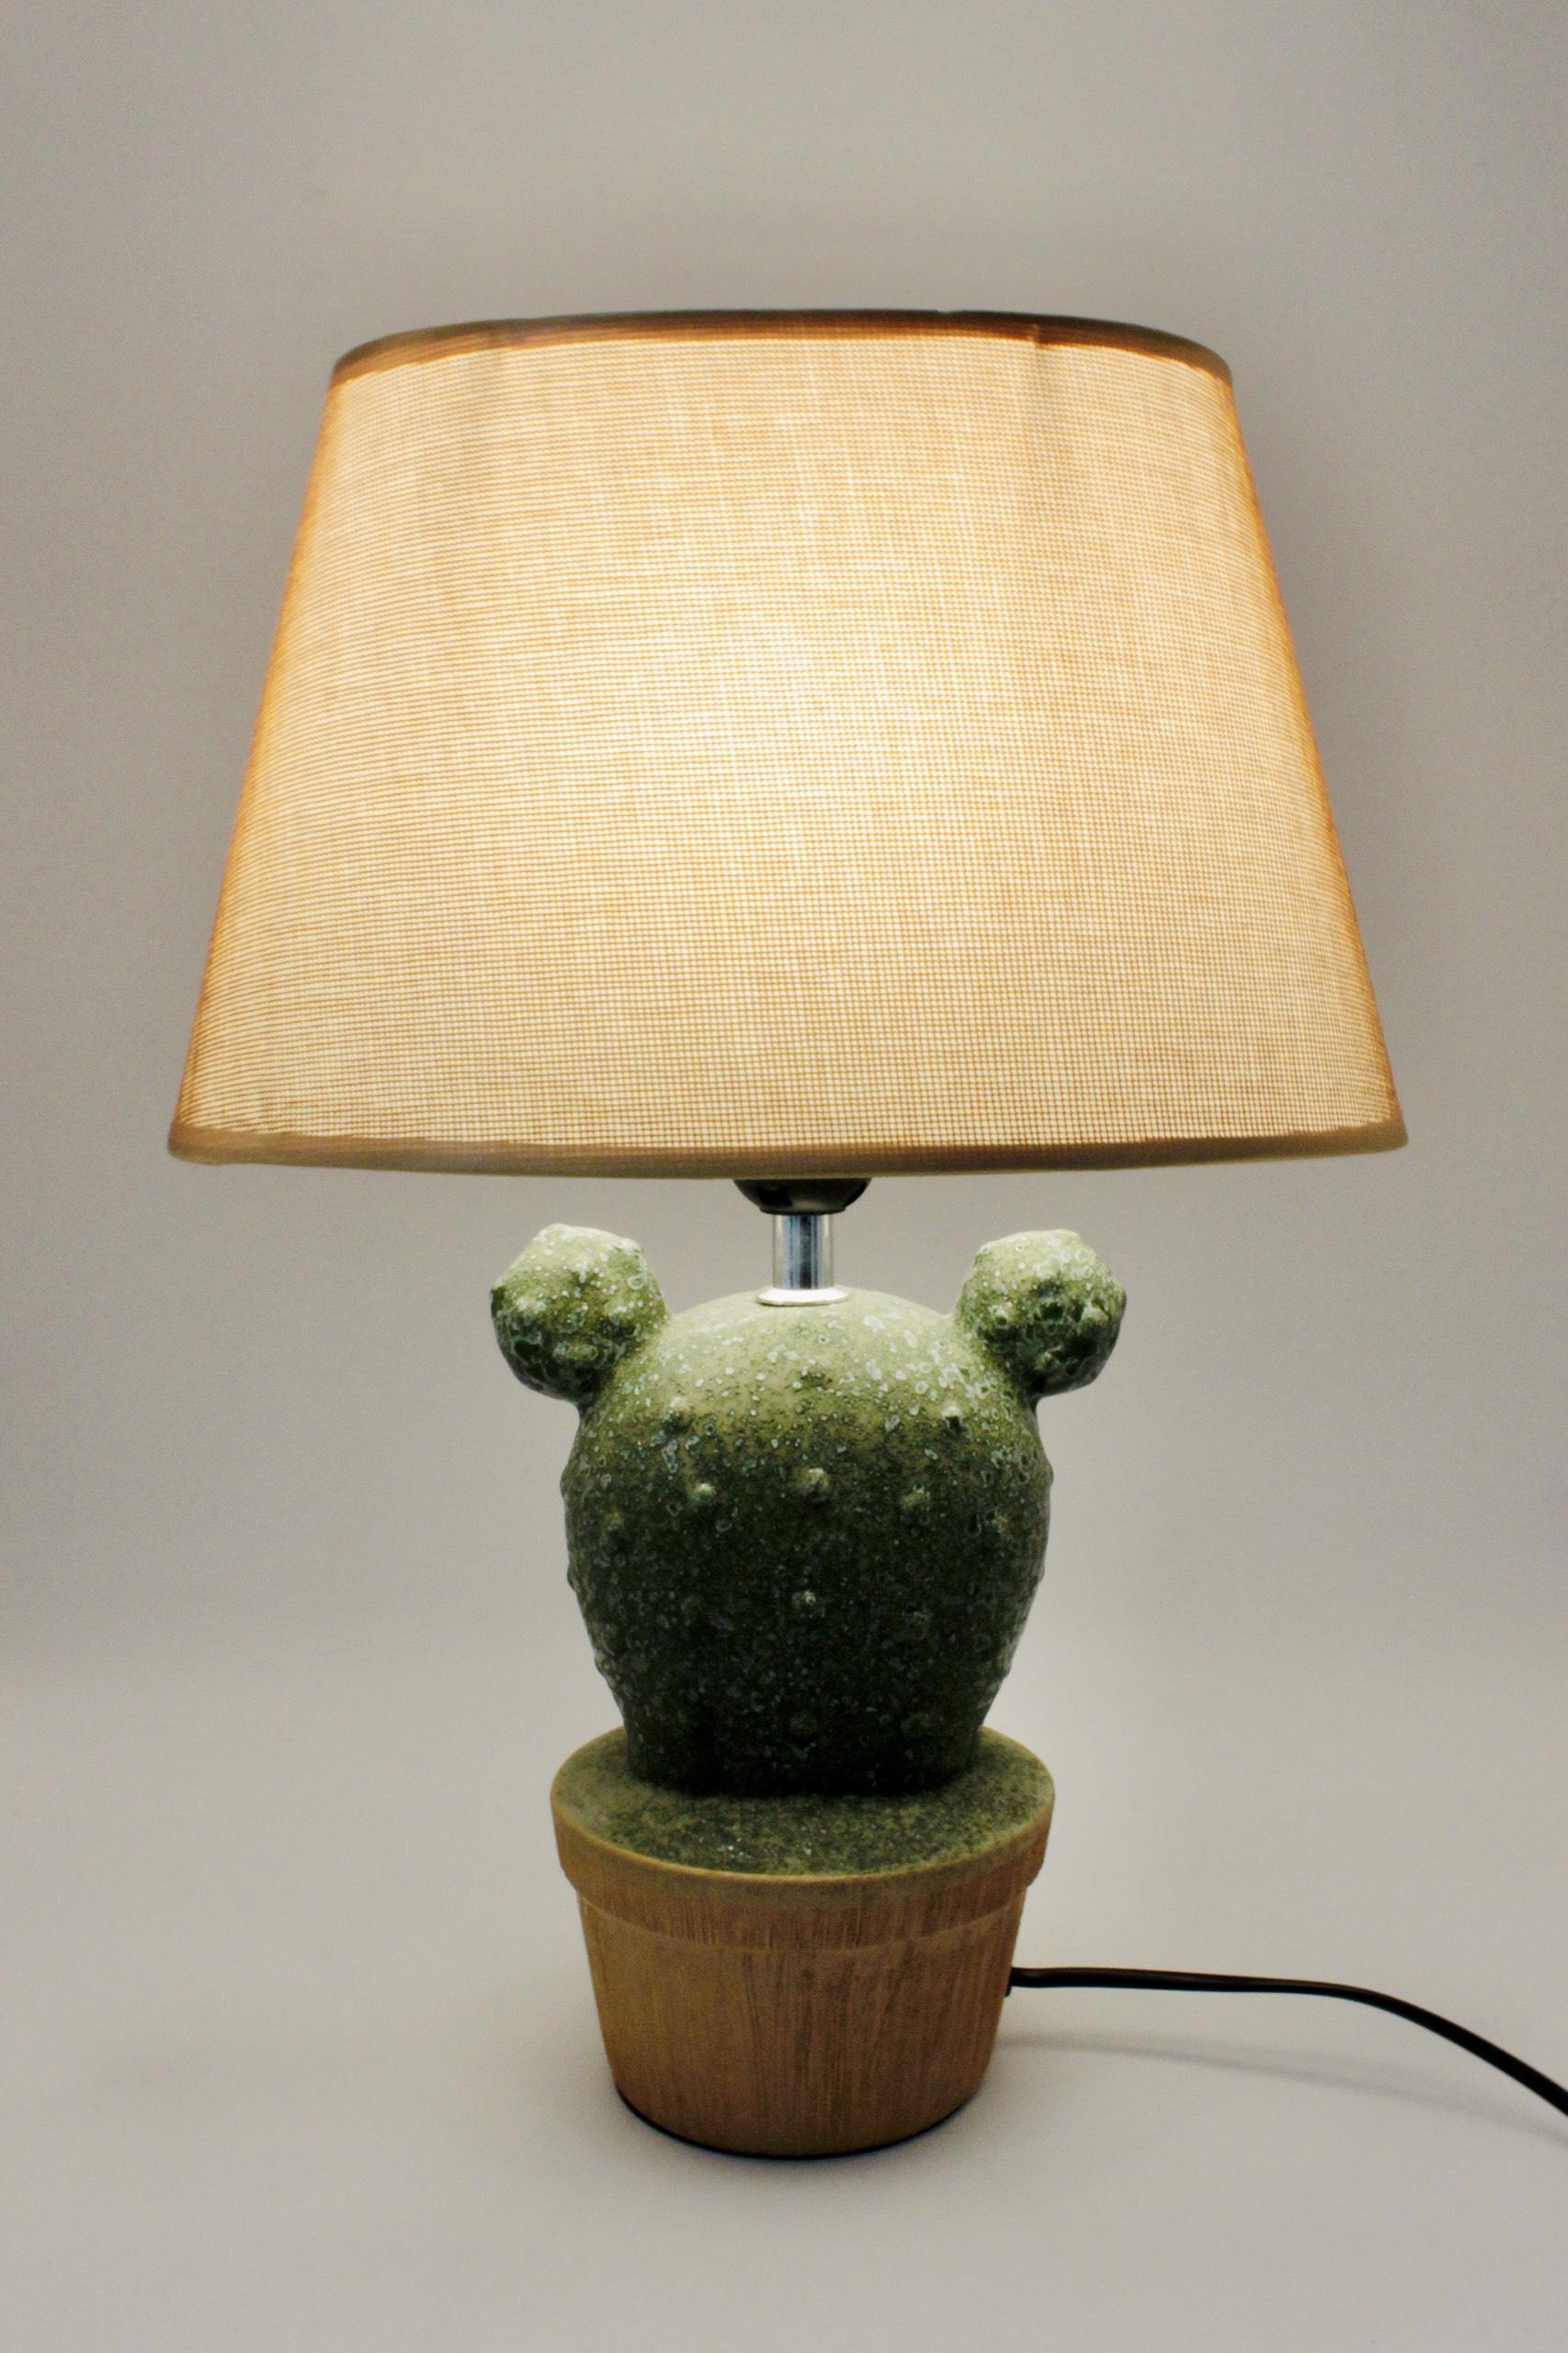 Đèn bàn thân gốm hình chậu cây xương rồng đáng yêu DY17512